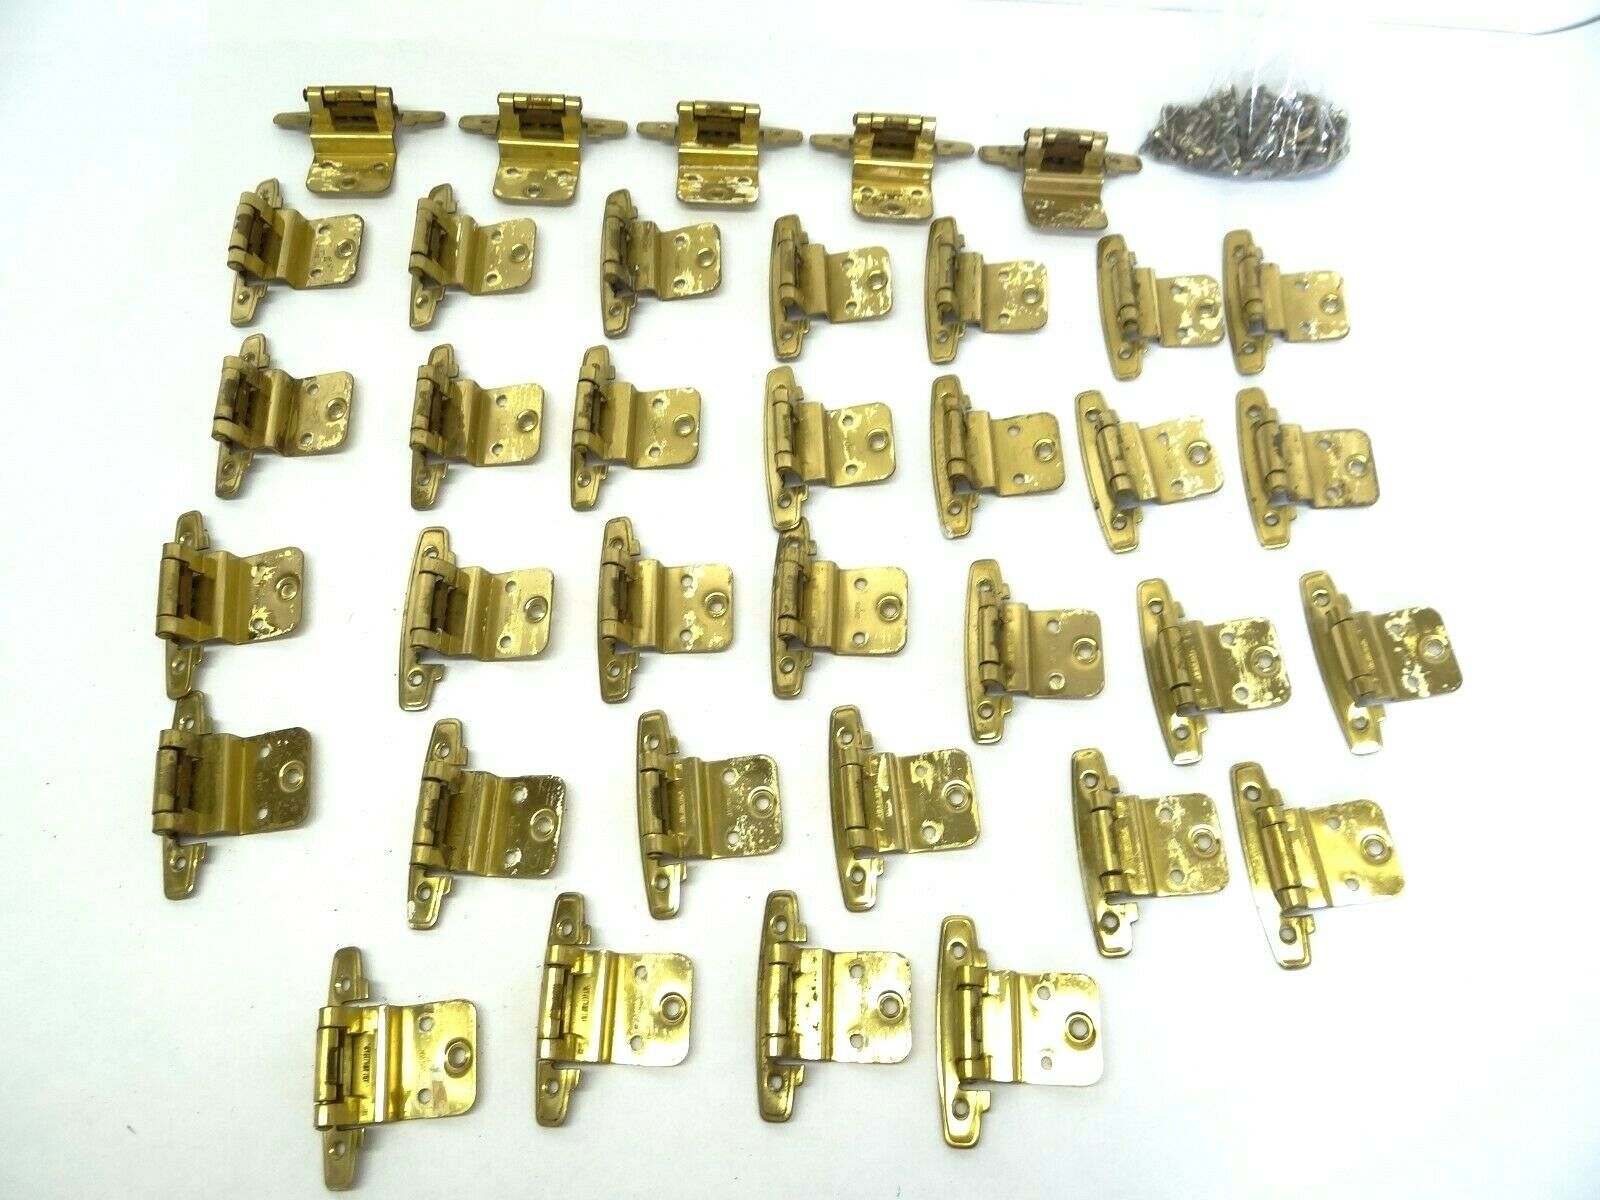 Mengenangebot Küchenschrank Scharniere Teile Messing Metall Hergestellt in Japan